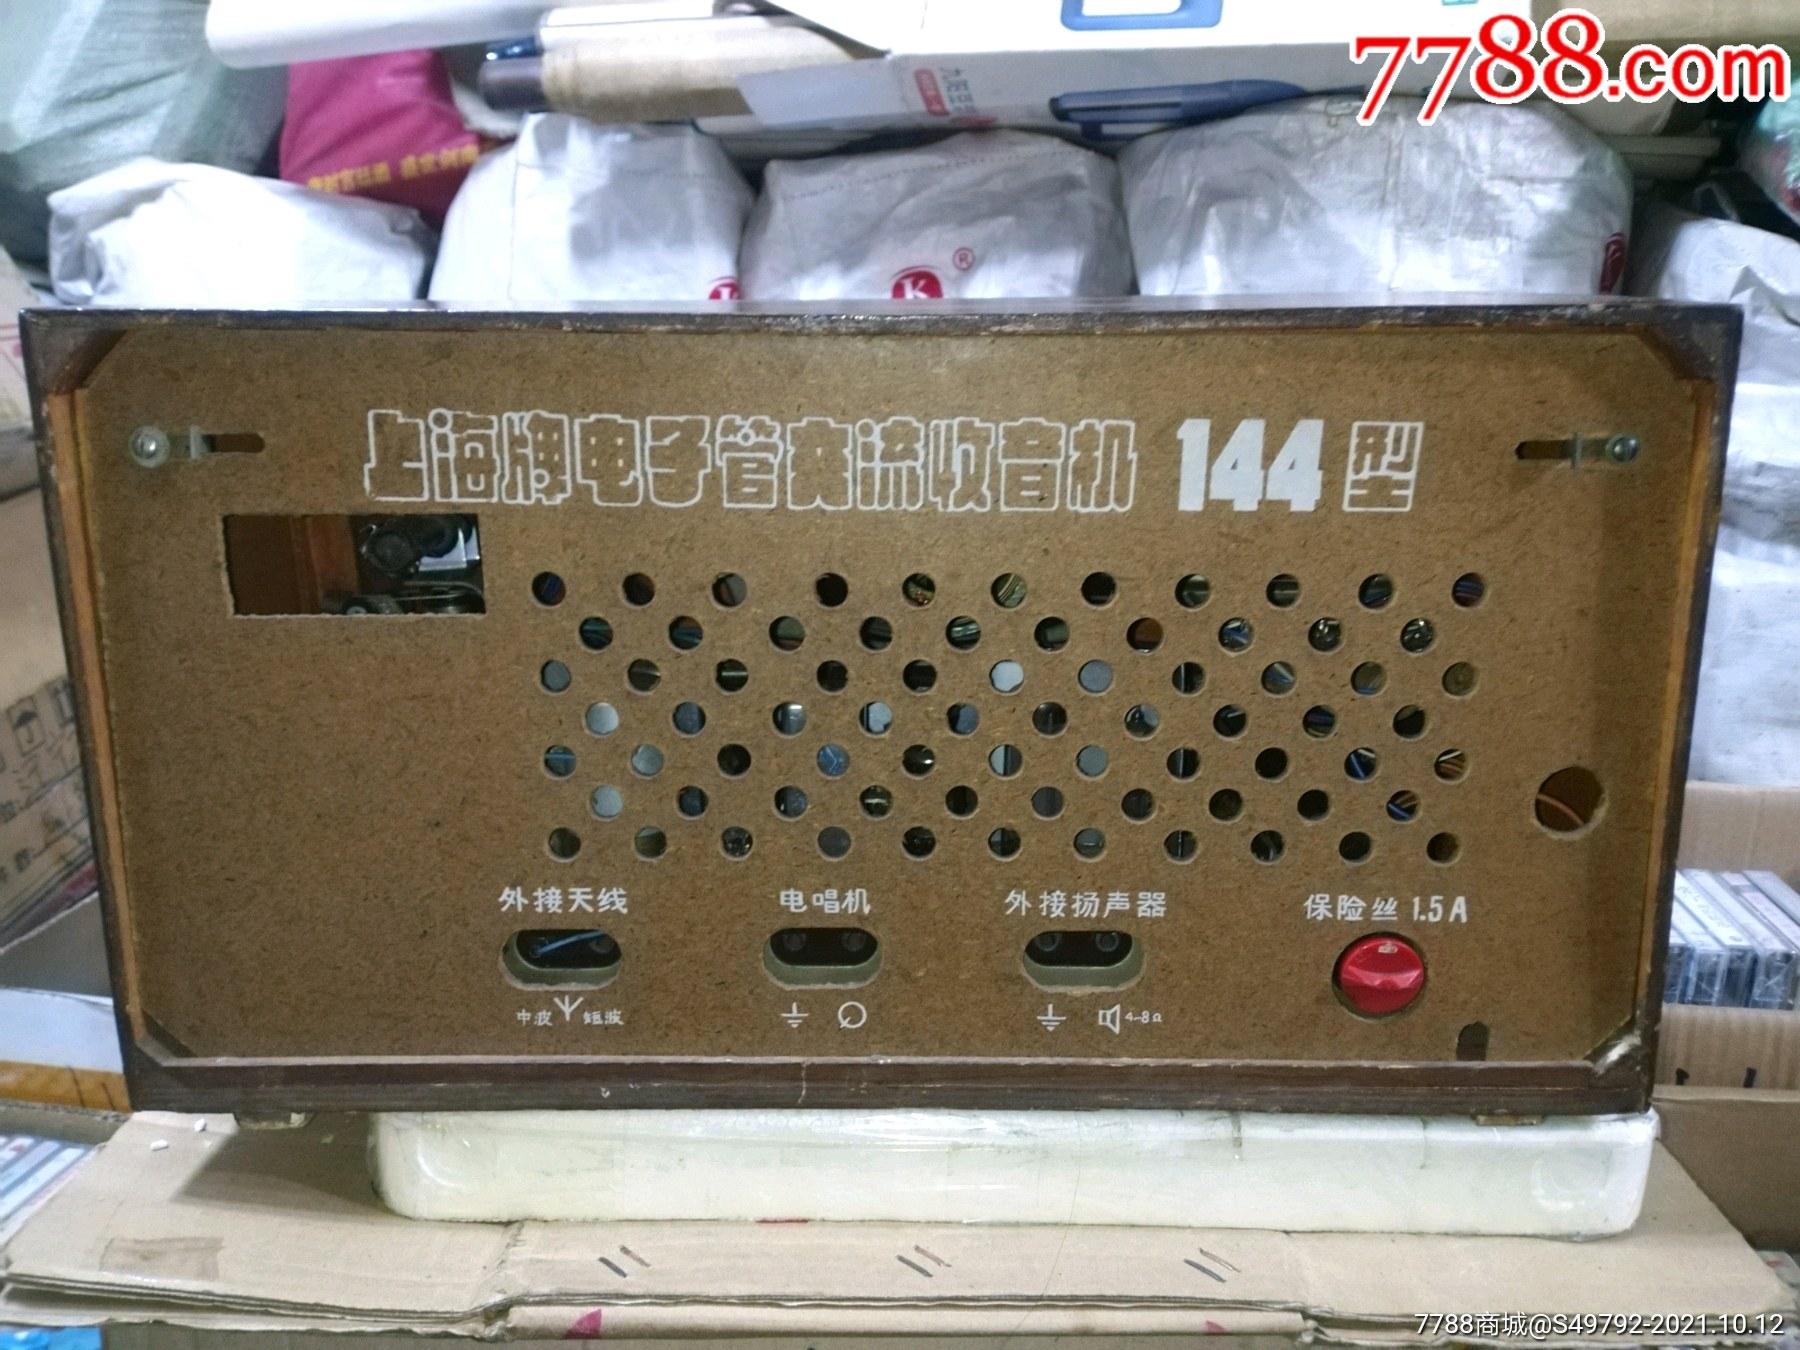 上海144收音机收音机_价格459元_第11张_